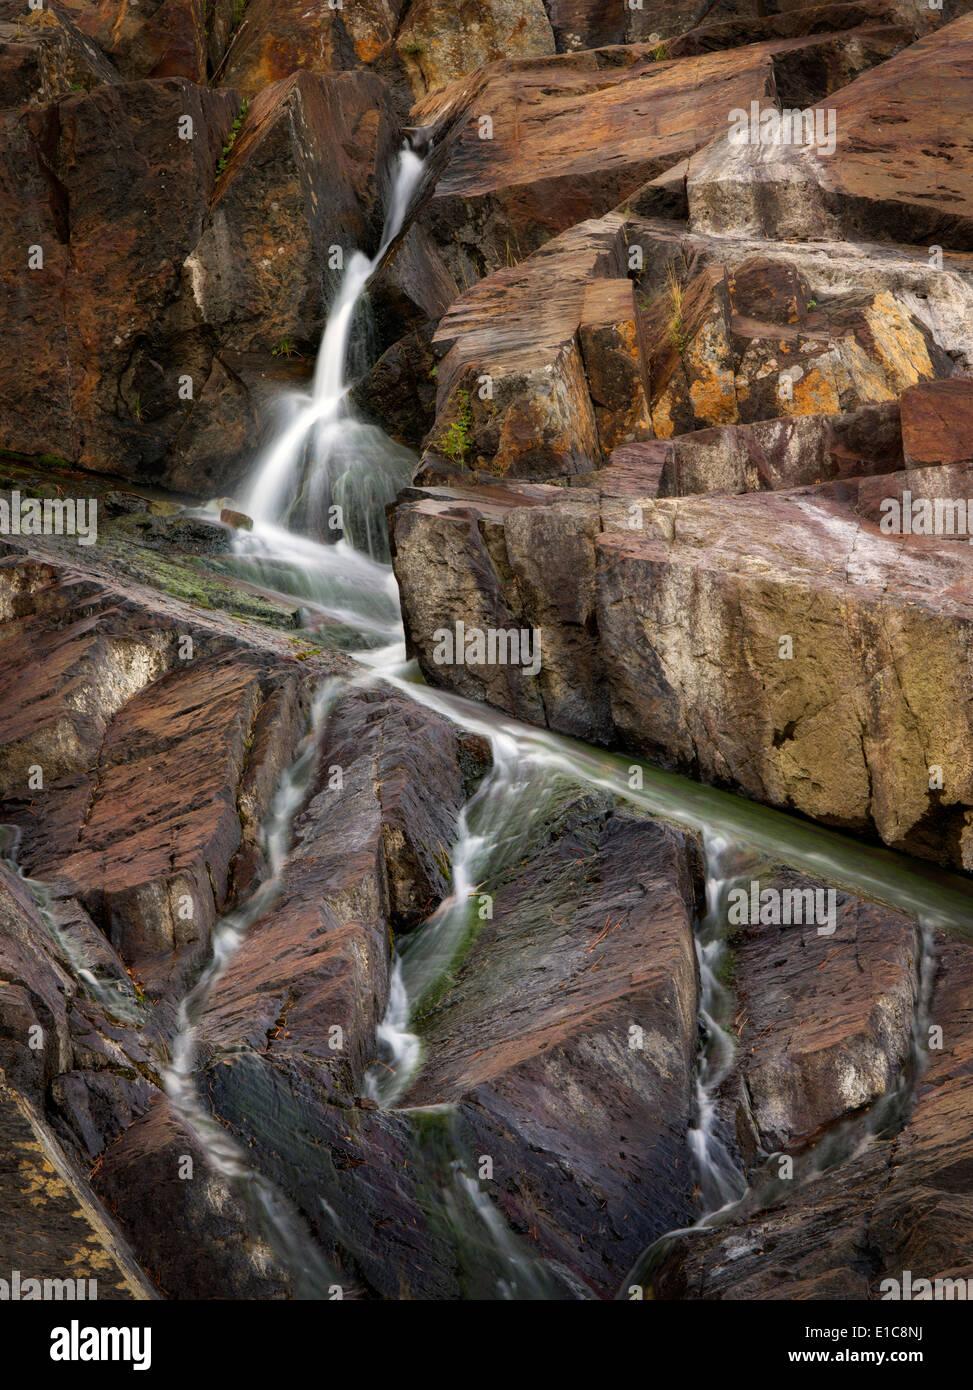 Cascade sur Glen Alpine Creek près de Fallen Leaf Lake. Californie Photo Stock